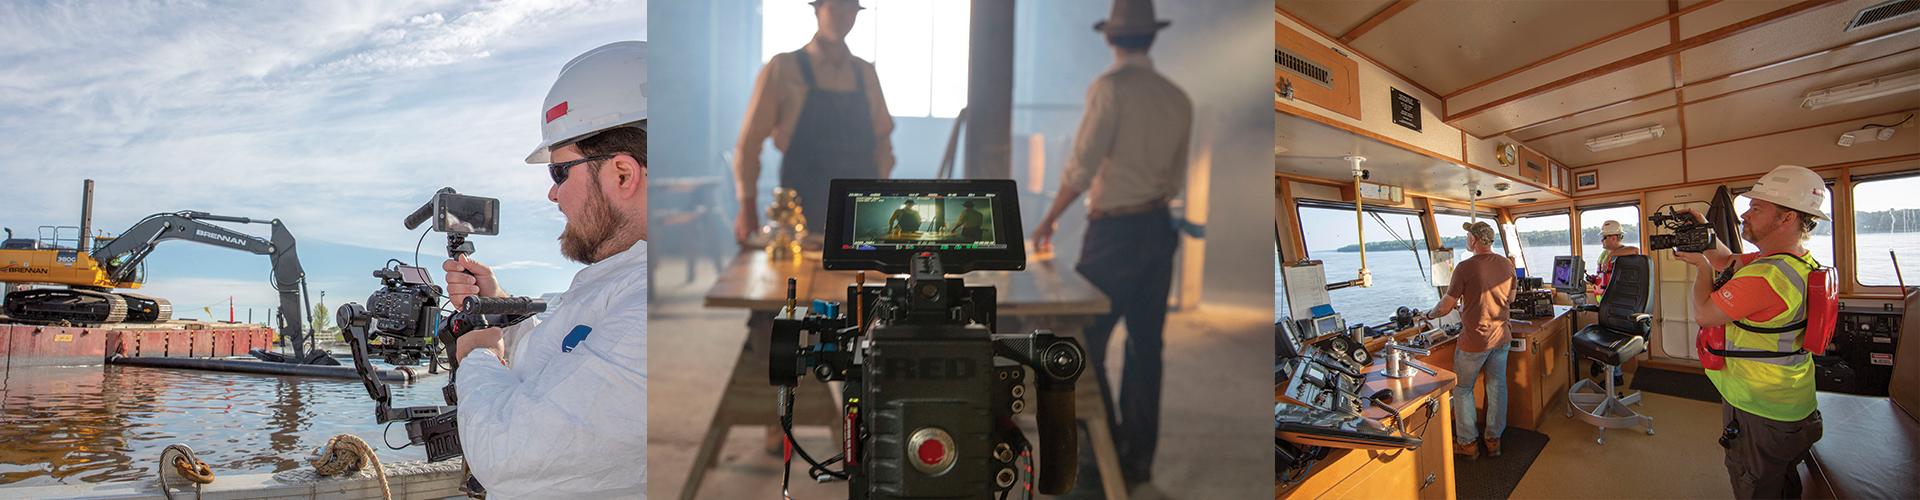 Brennan Video Team